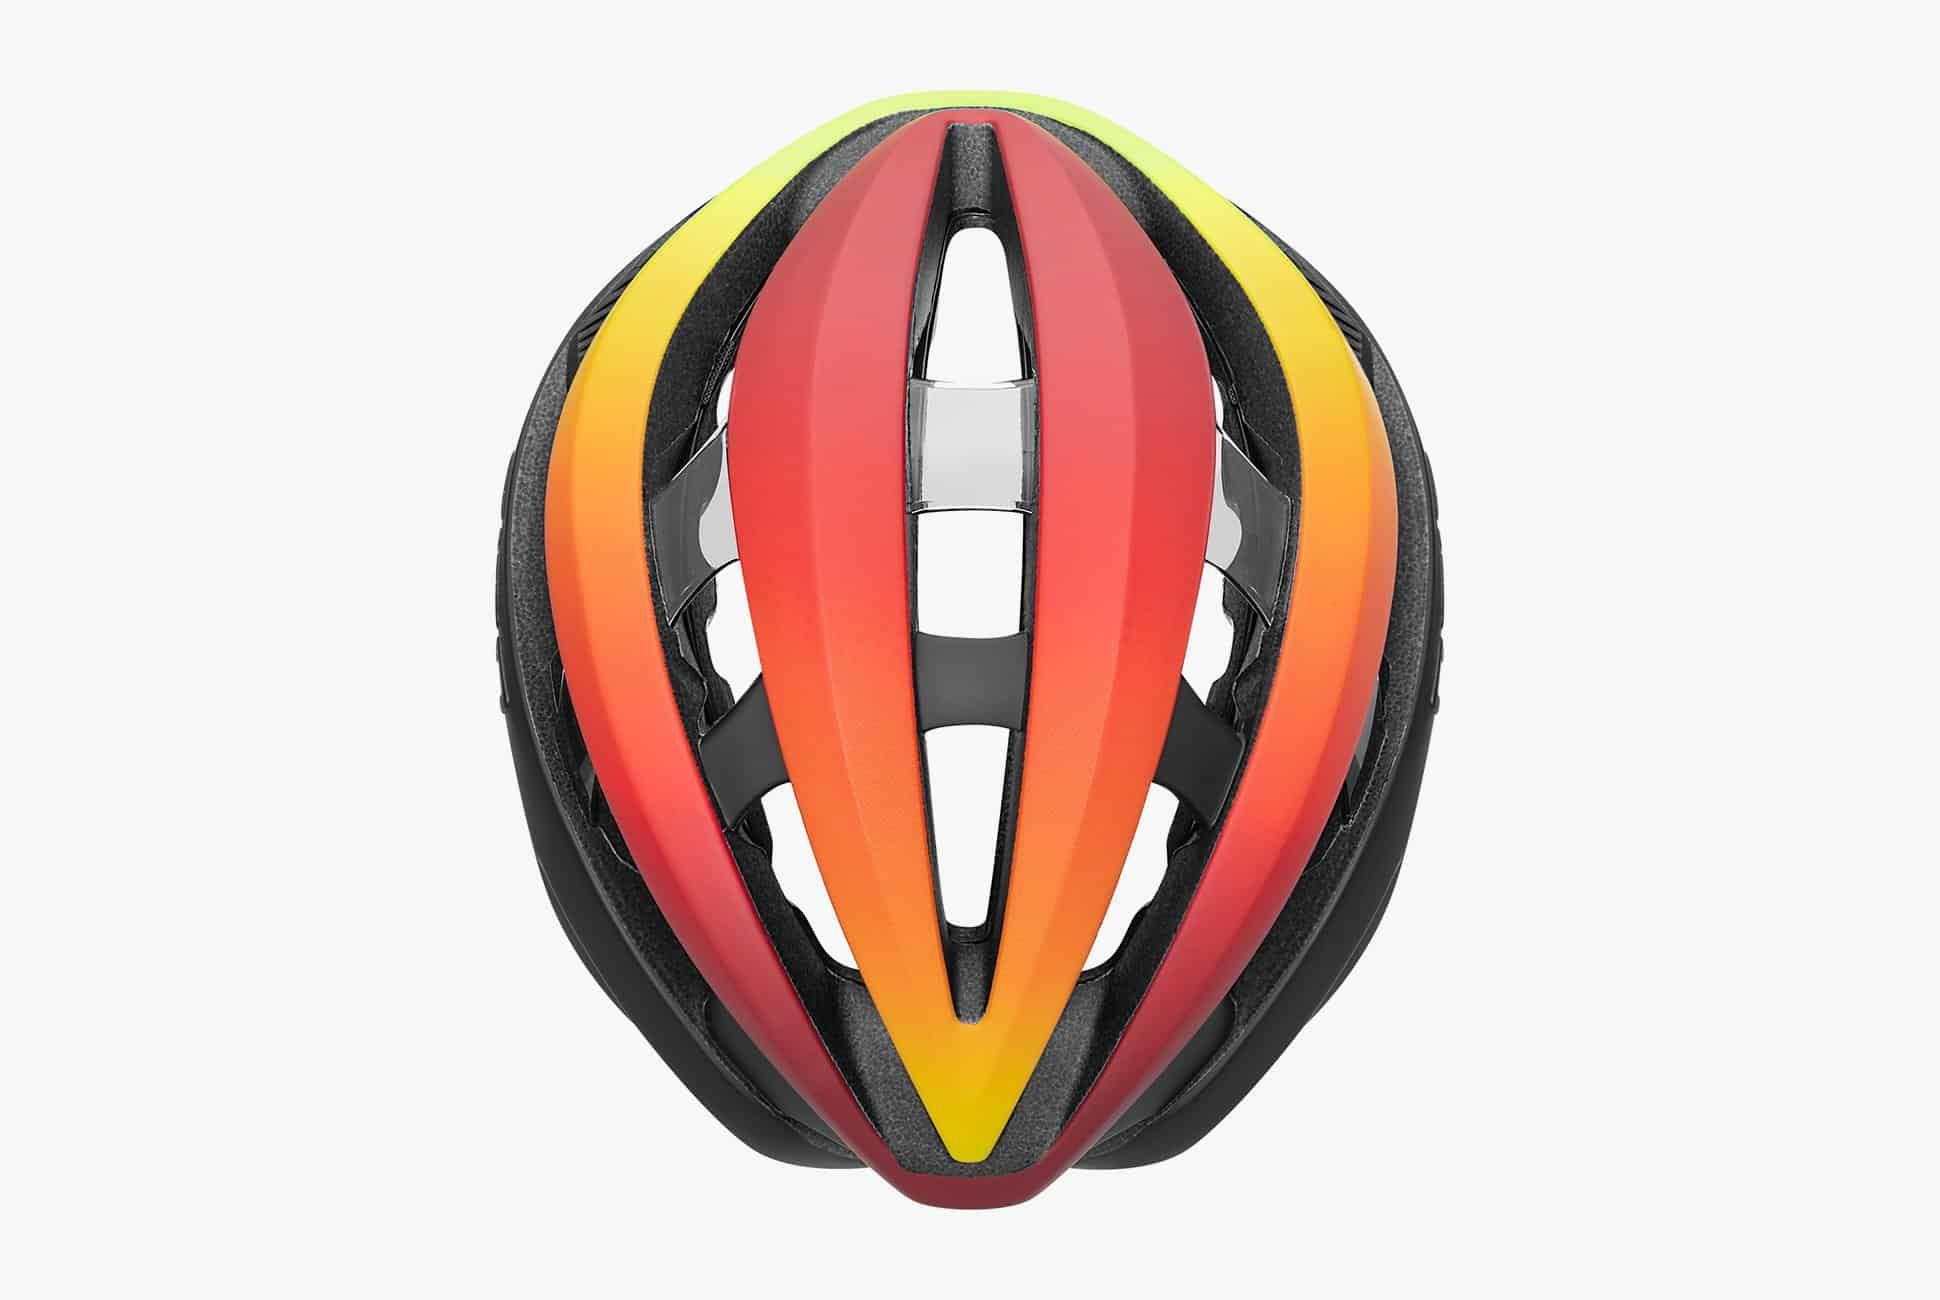 Giro-Custom-Aether-Bicycling-Helmet-gear-patrol-slide-4